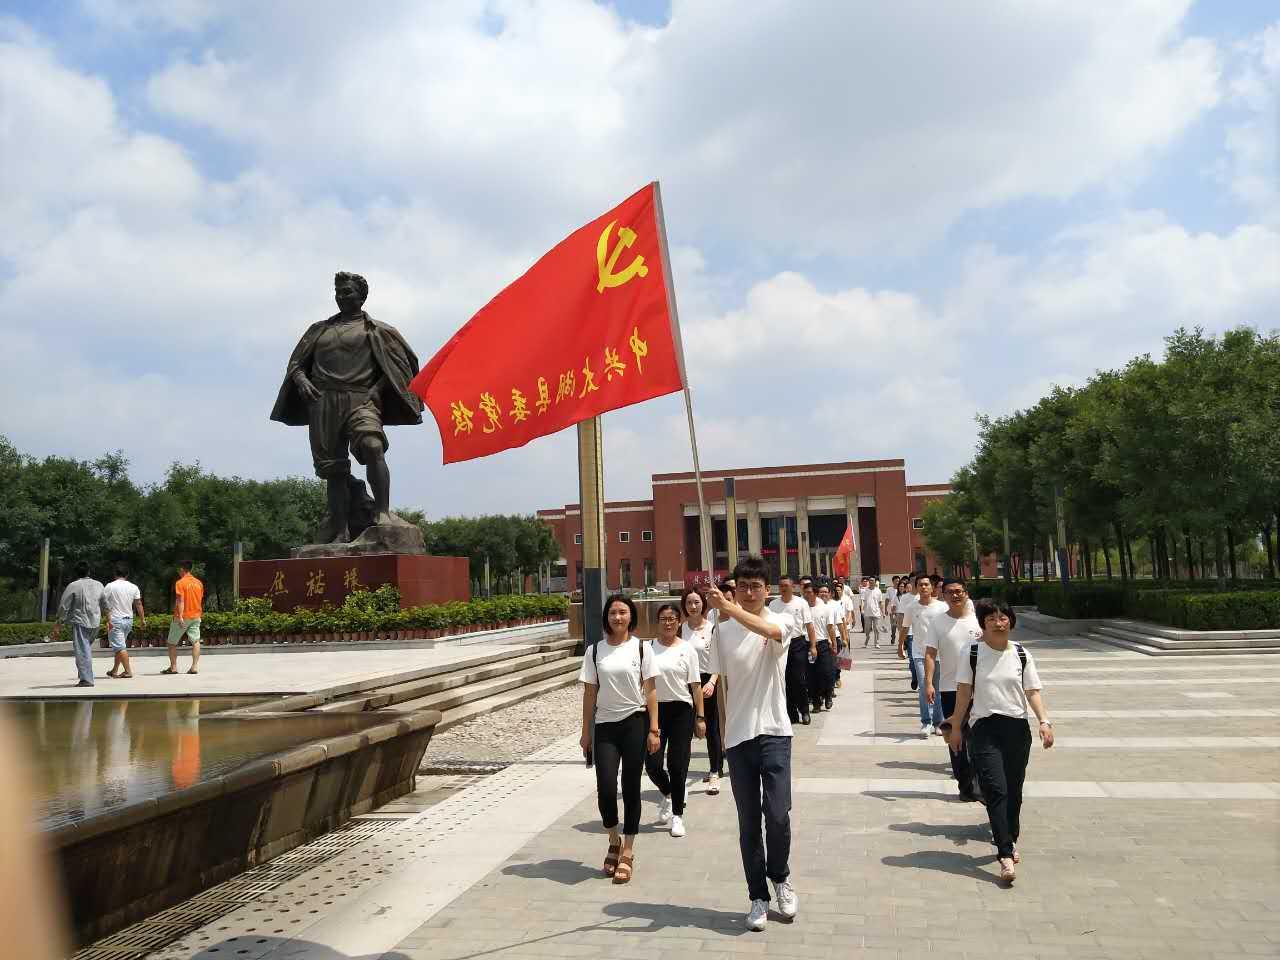 青干班丨2017年太湖青干班之兰考学习篇